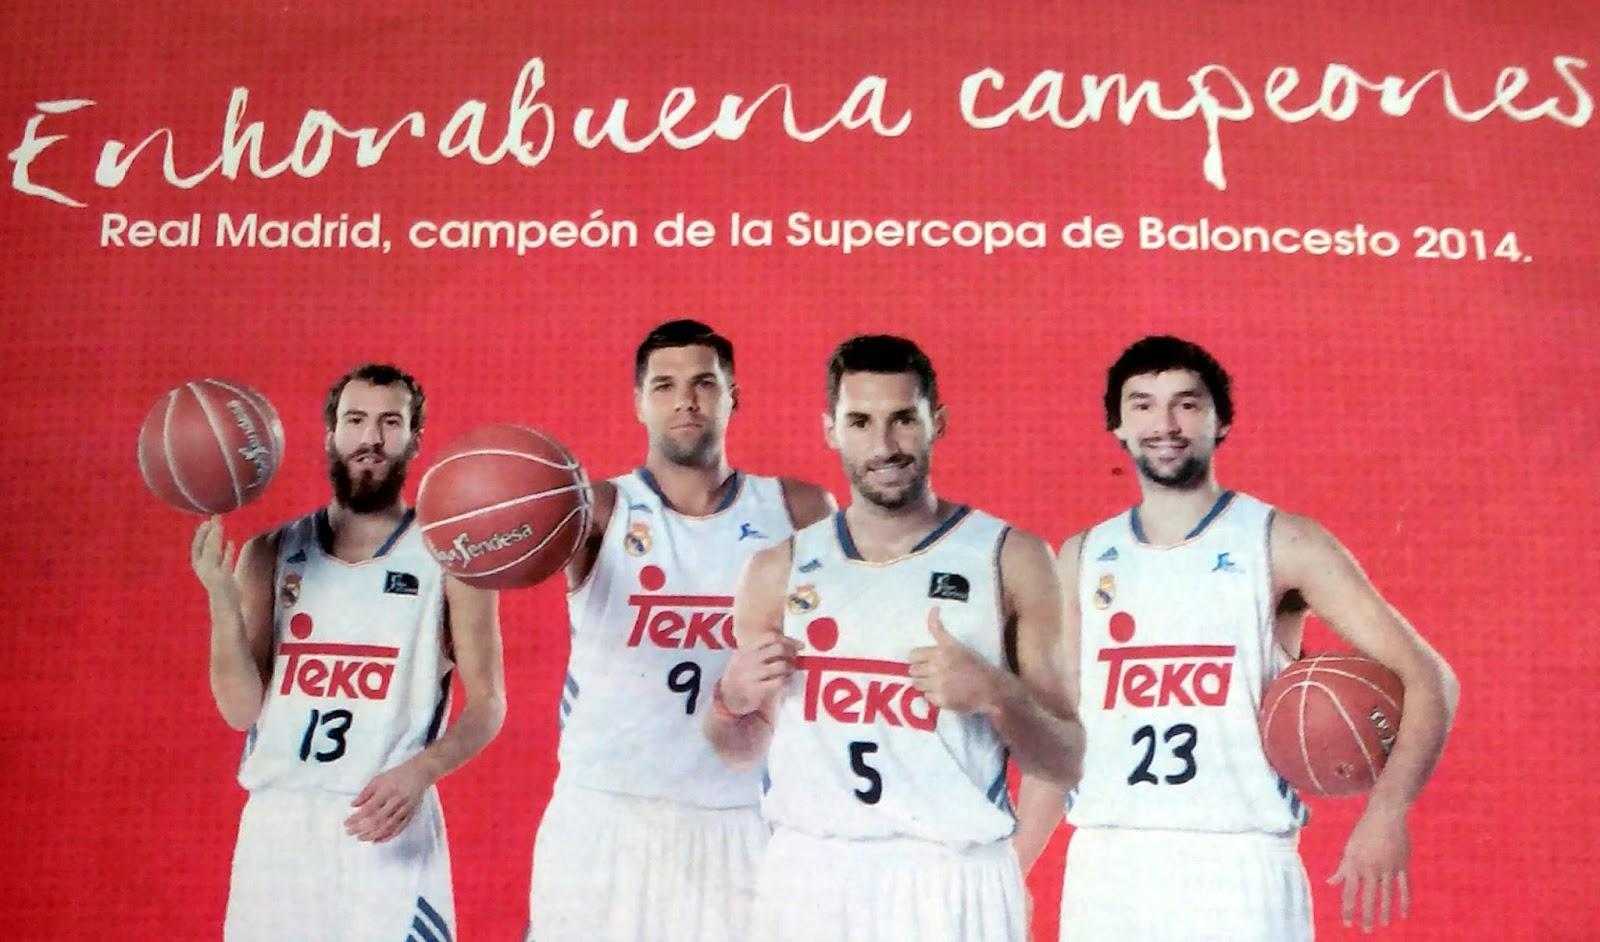 Teka rentabiliza su patrocinio con el Real Madrid